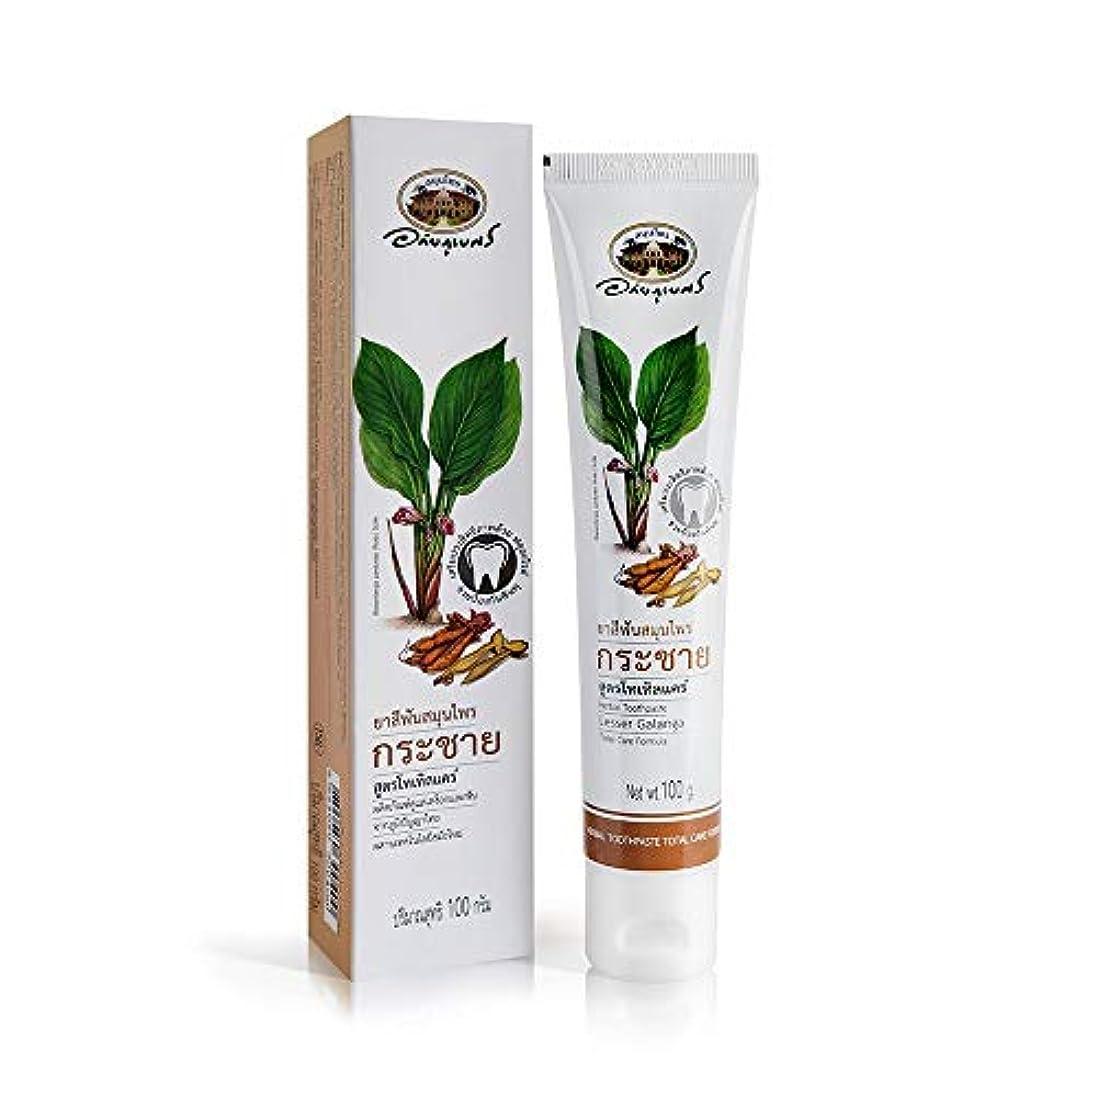 感覚シルエット豊富なAbhaibhubejhr Herbal Toothpaste Total Care Formula Lesser Galanga 100g. Abhaibhubejhrハーブ歯磨き粉トータルケアフォーミュラレガランガランガ100g。